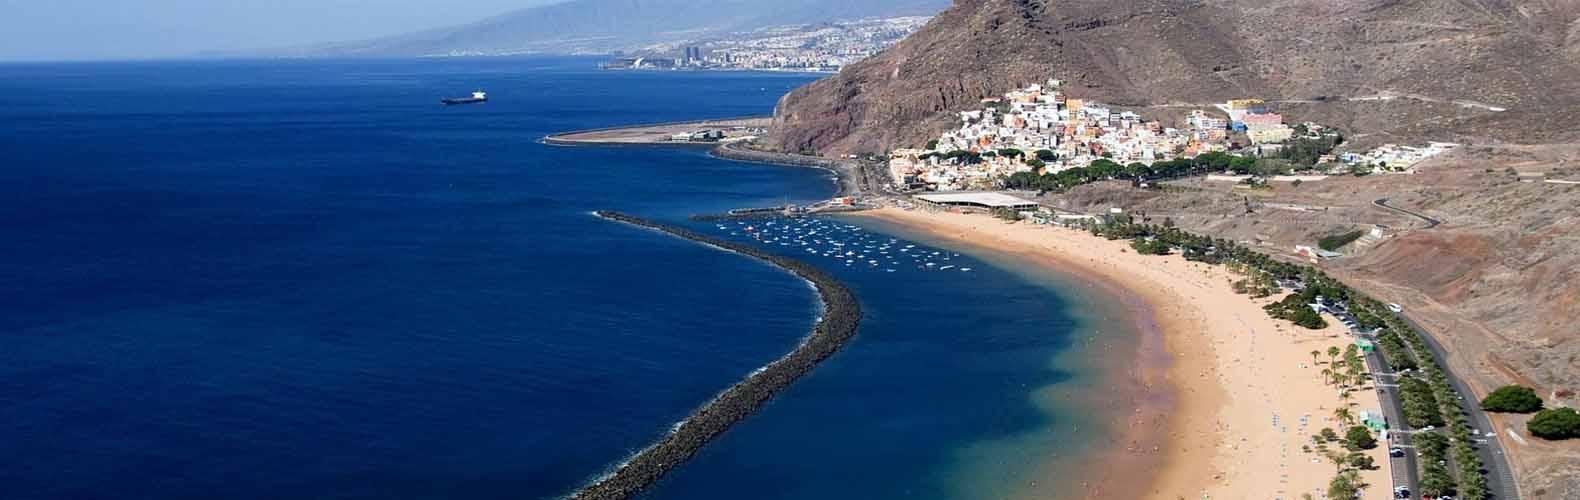 Agencia inmobiliaria en Santa Cruz de Tenerife. Venta de casas en Santa Cruz de Tenerife